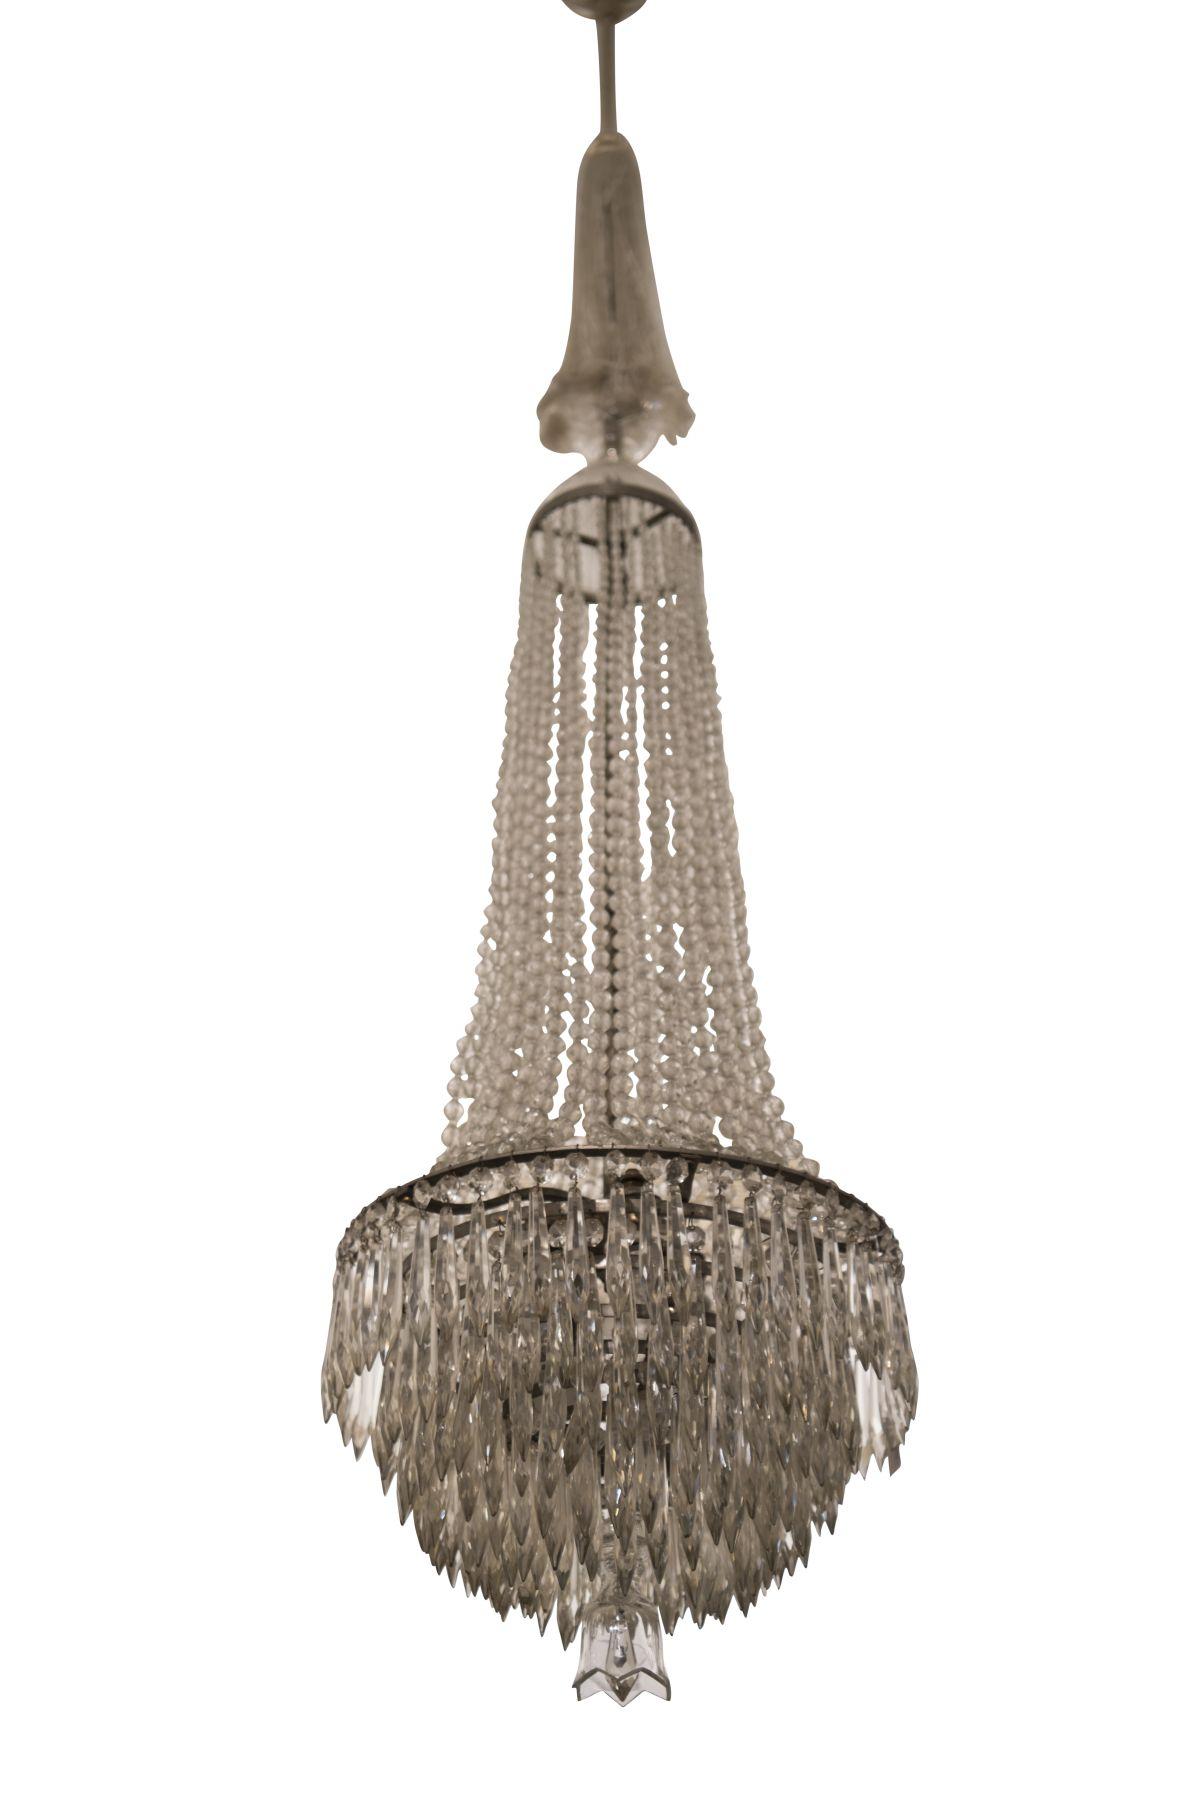 #63 Decorative chandelier | Dekorativer Luster Image